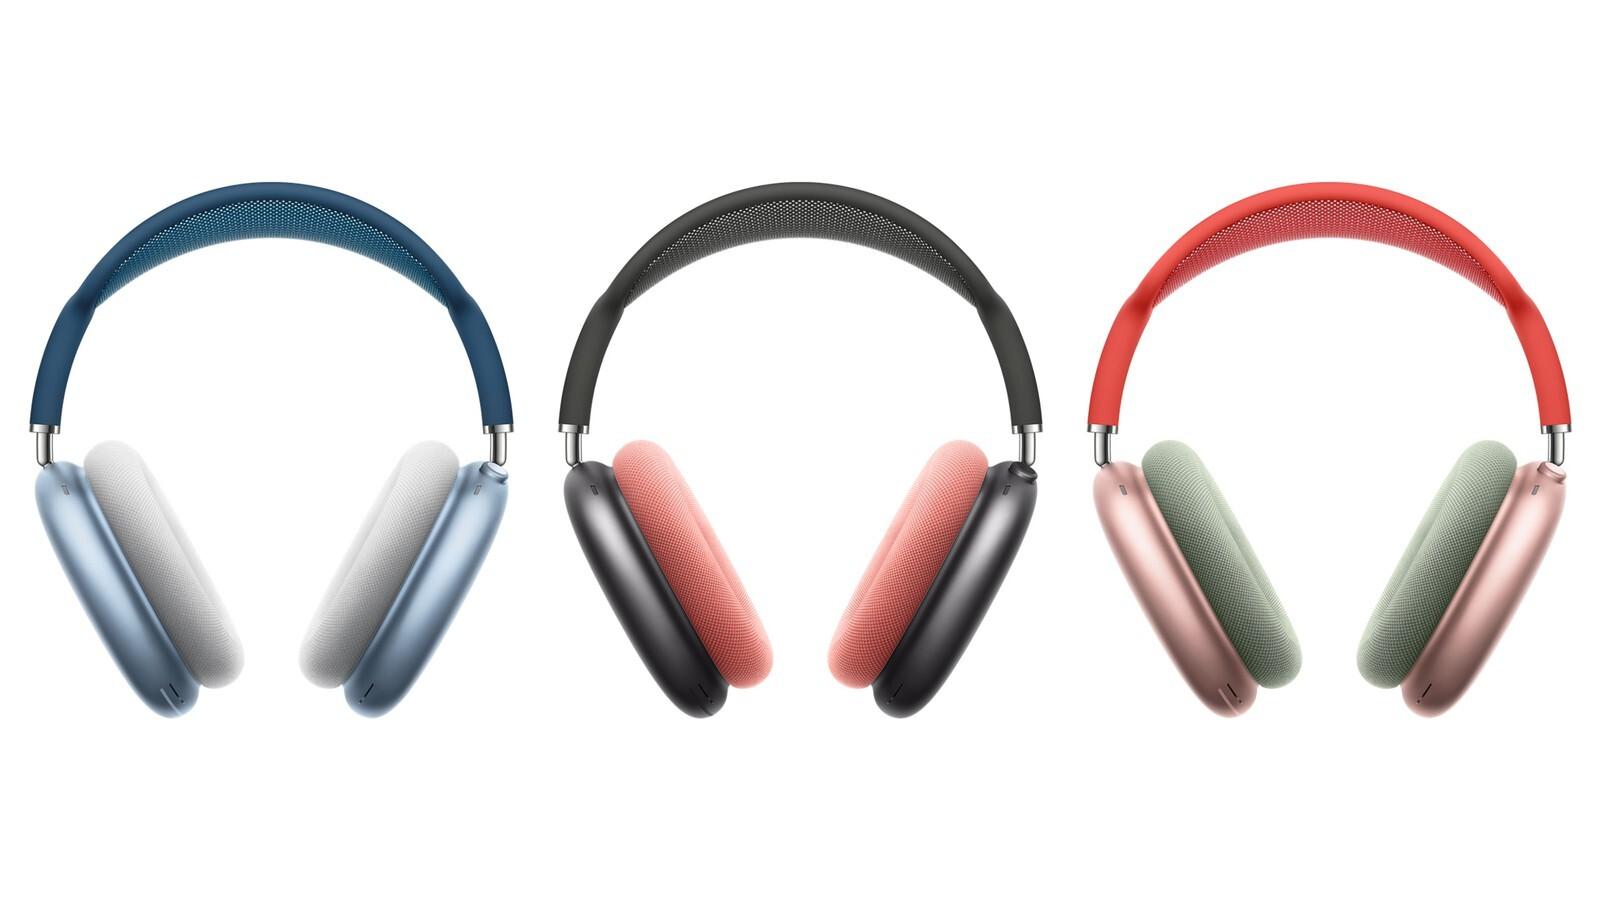 Đệm tai thay thế cho AirPods Max của Apple có giá lên tới 69 USD, không có củ sạc, cáp âm thanh giá 35 USD - Ảnh 2.